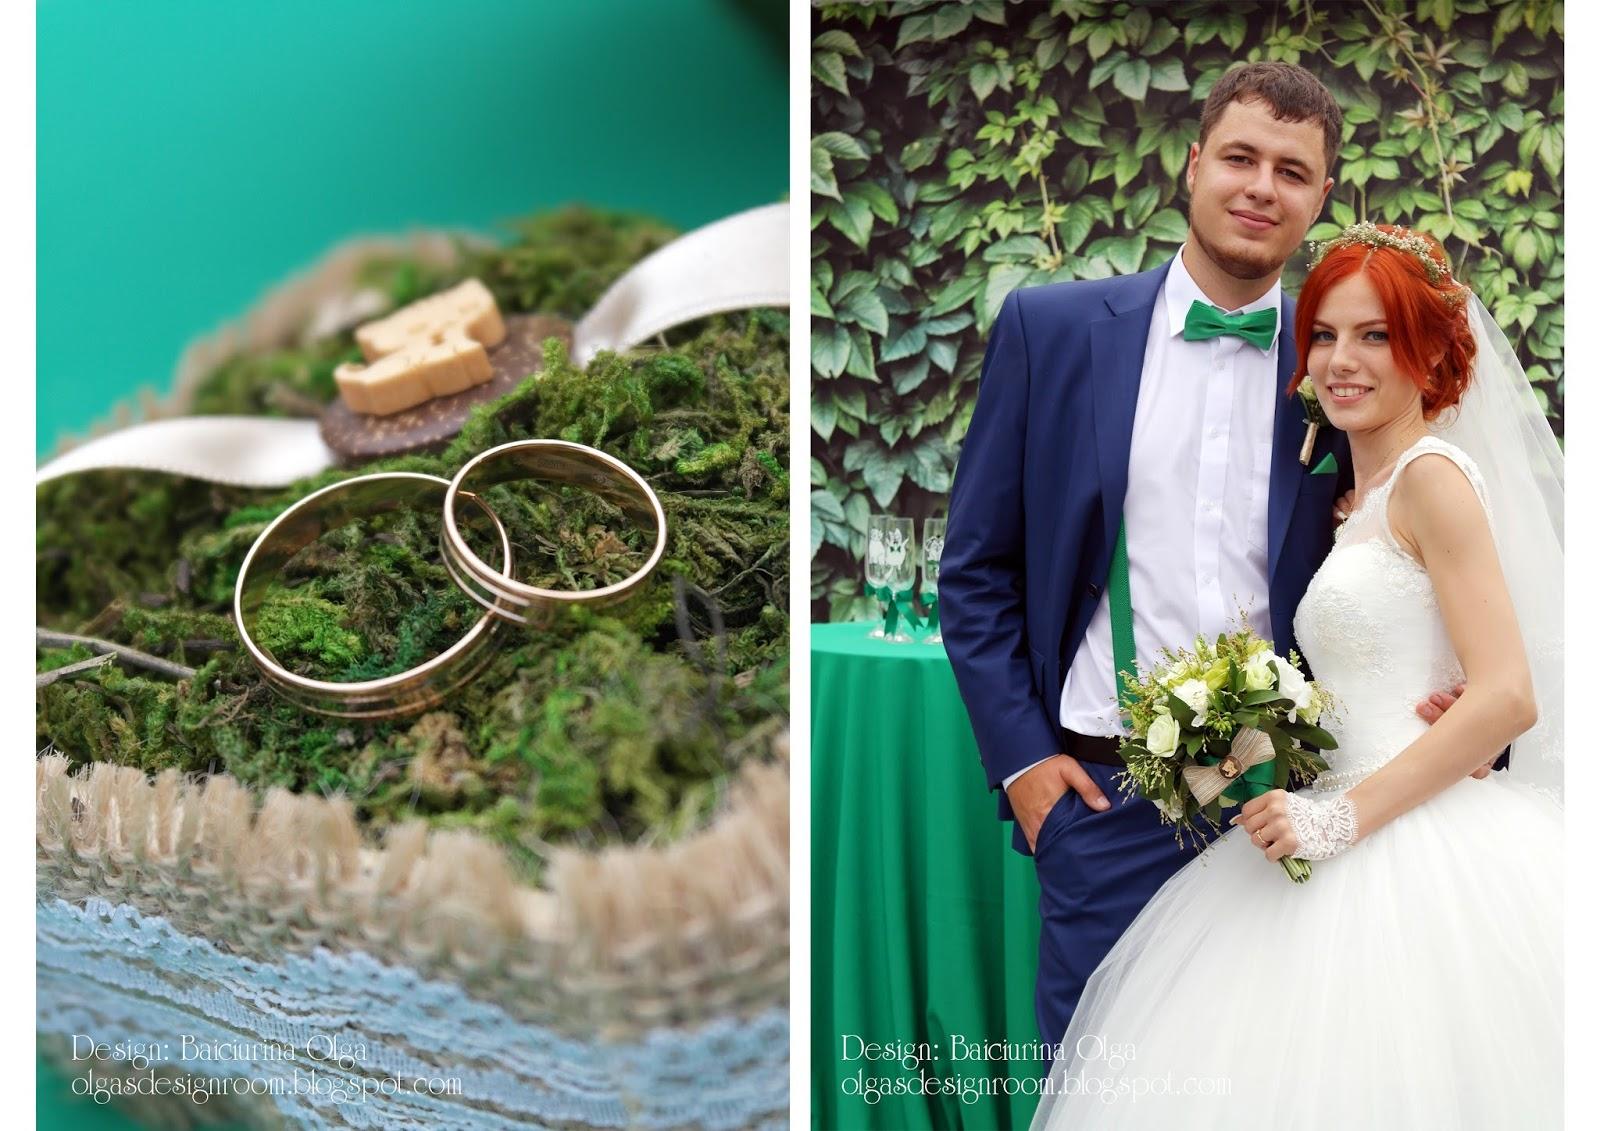 Свадьба в зеленом цвете фото жениха и невесты